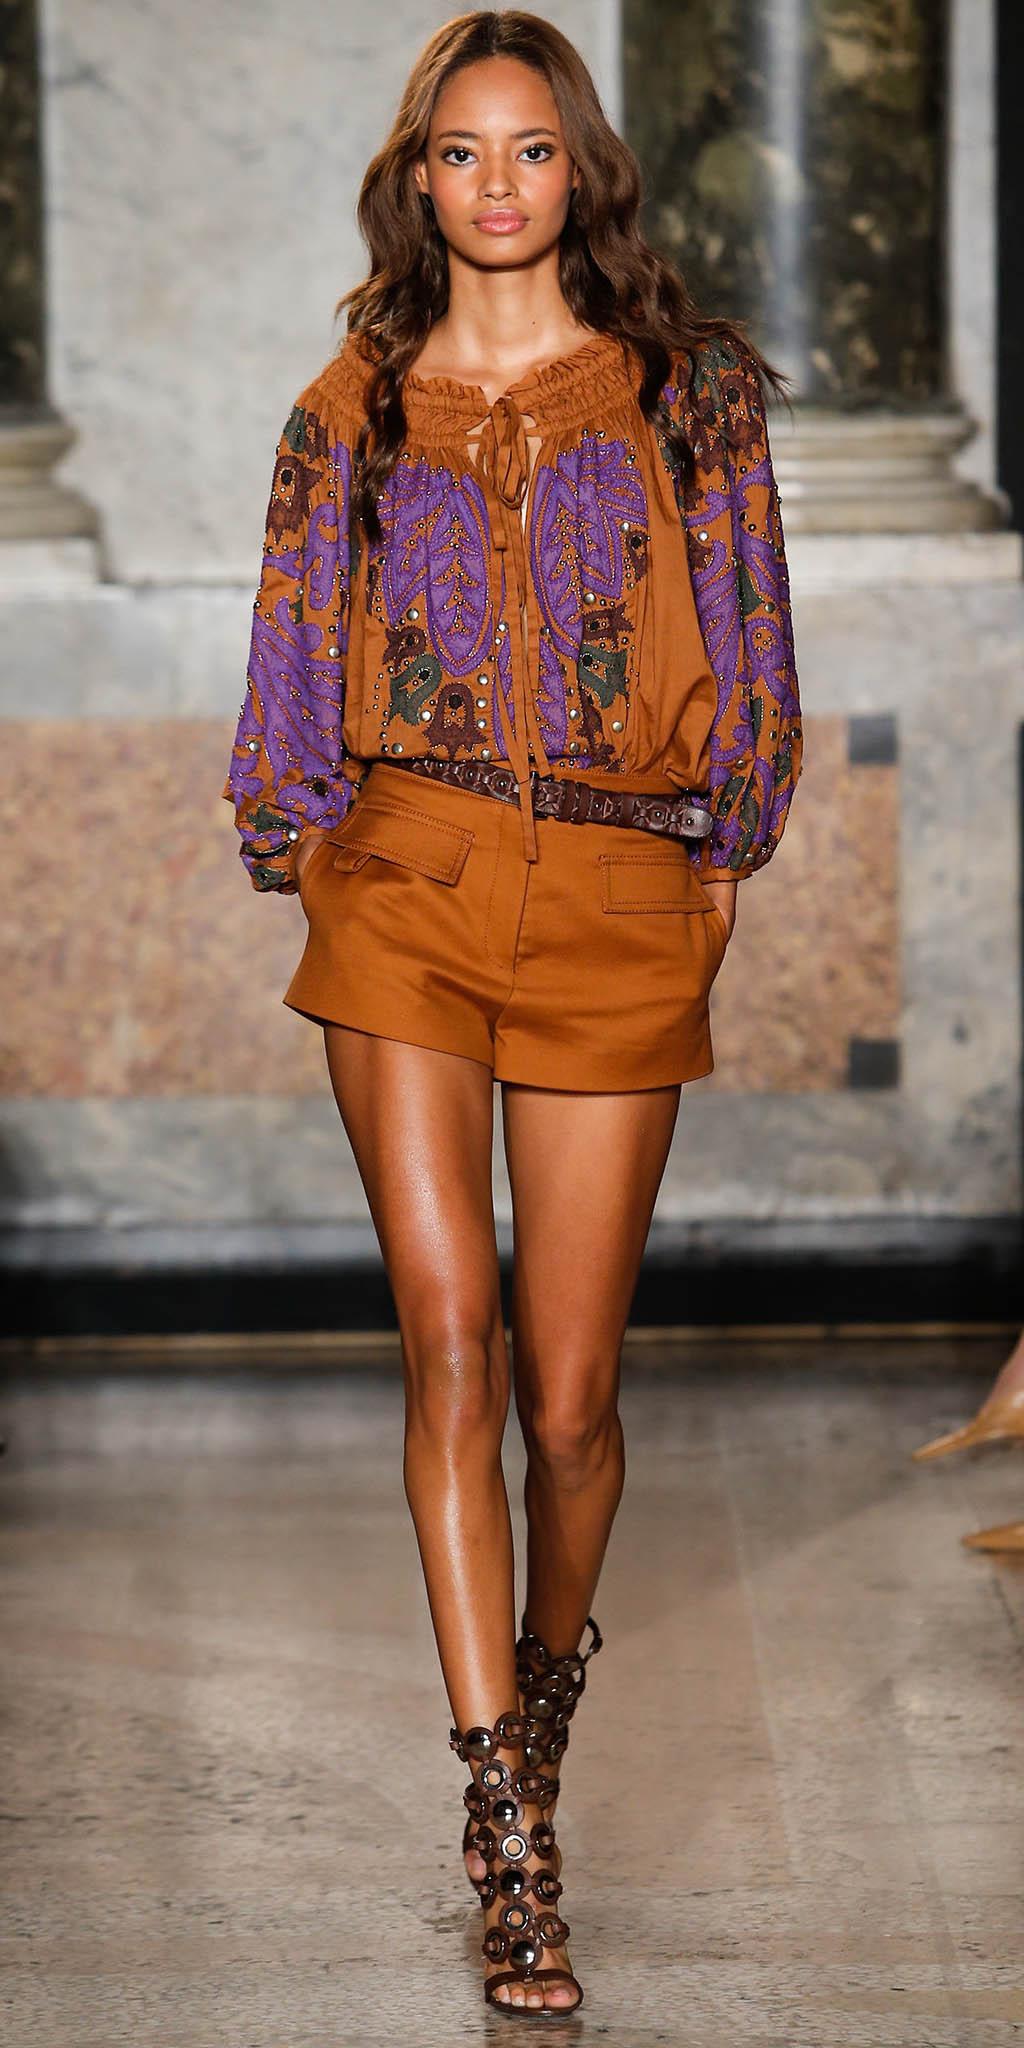 camel-shorts-belt-camel-top-blouse-peasant-brown-shoe-sandalh-brun-spring-summer-lunch.jpg